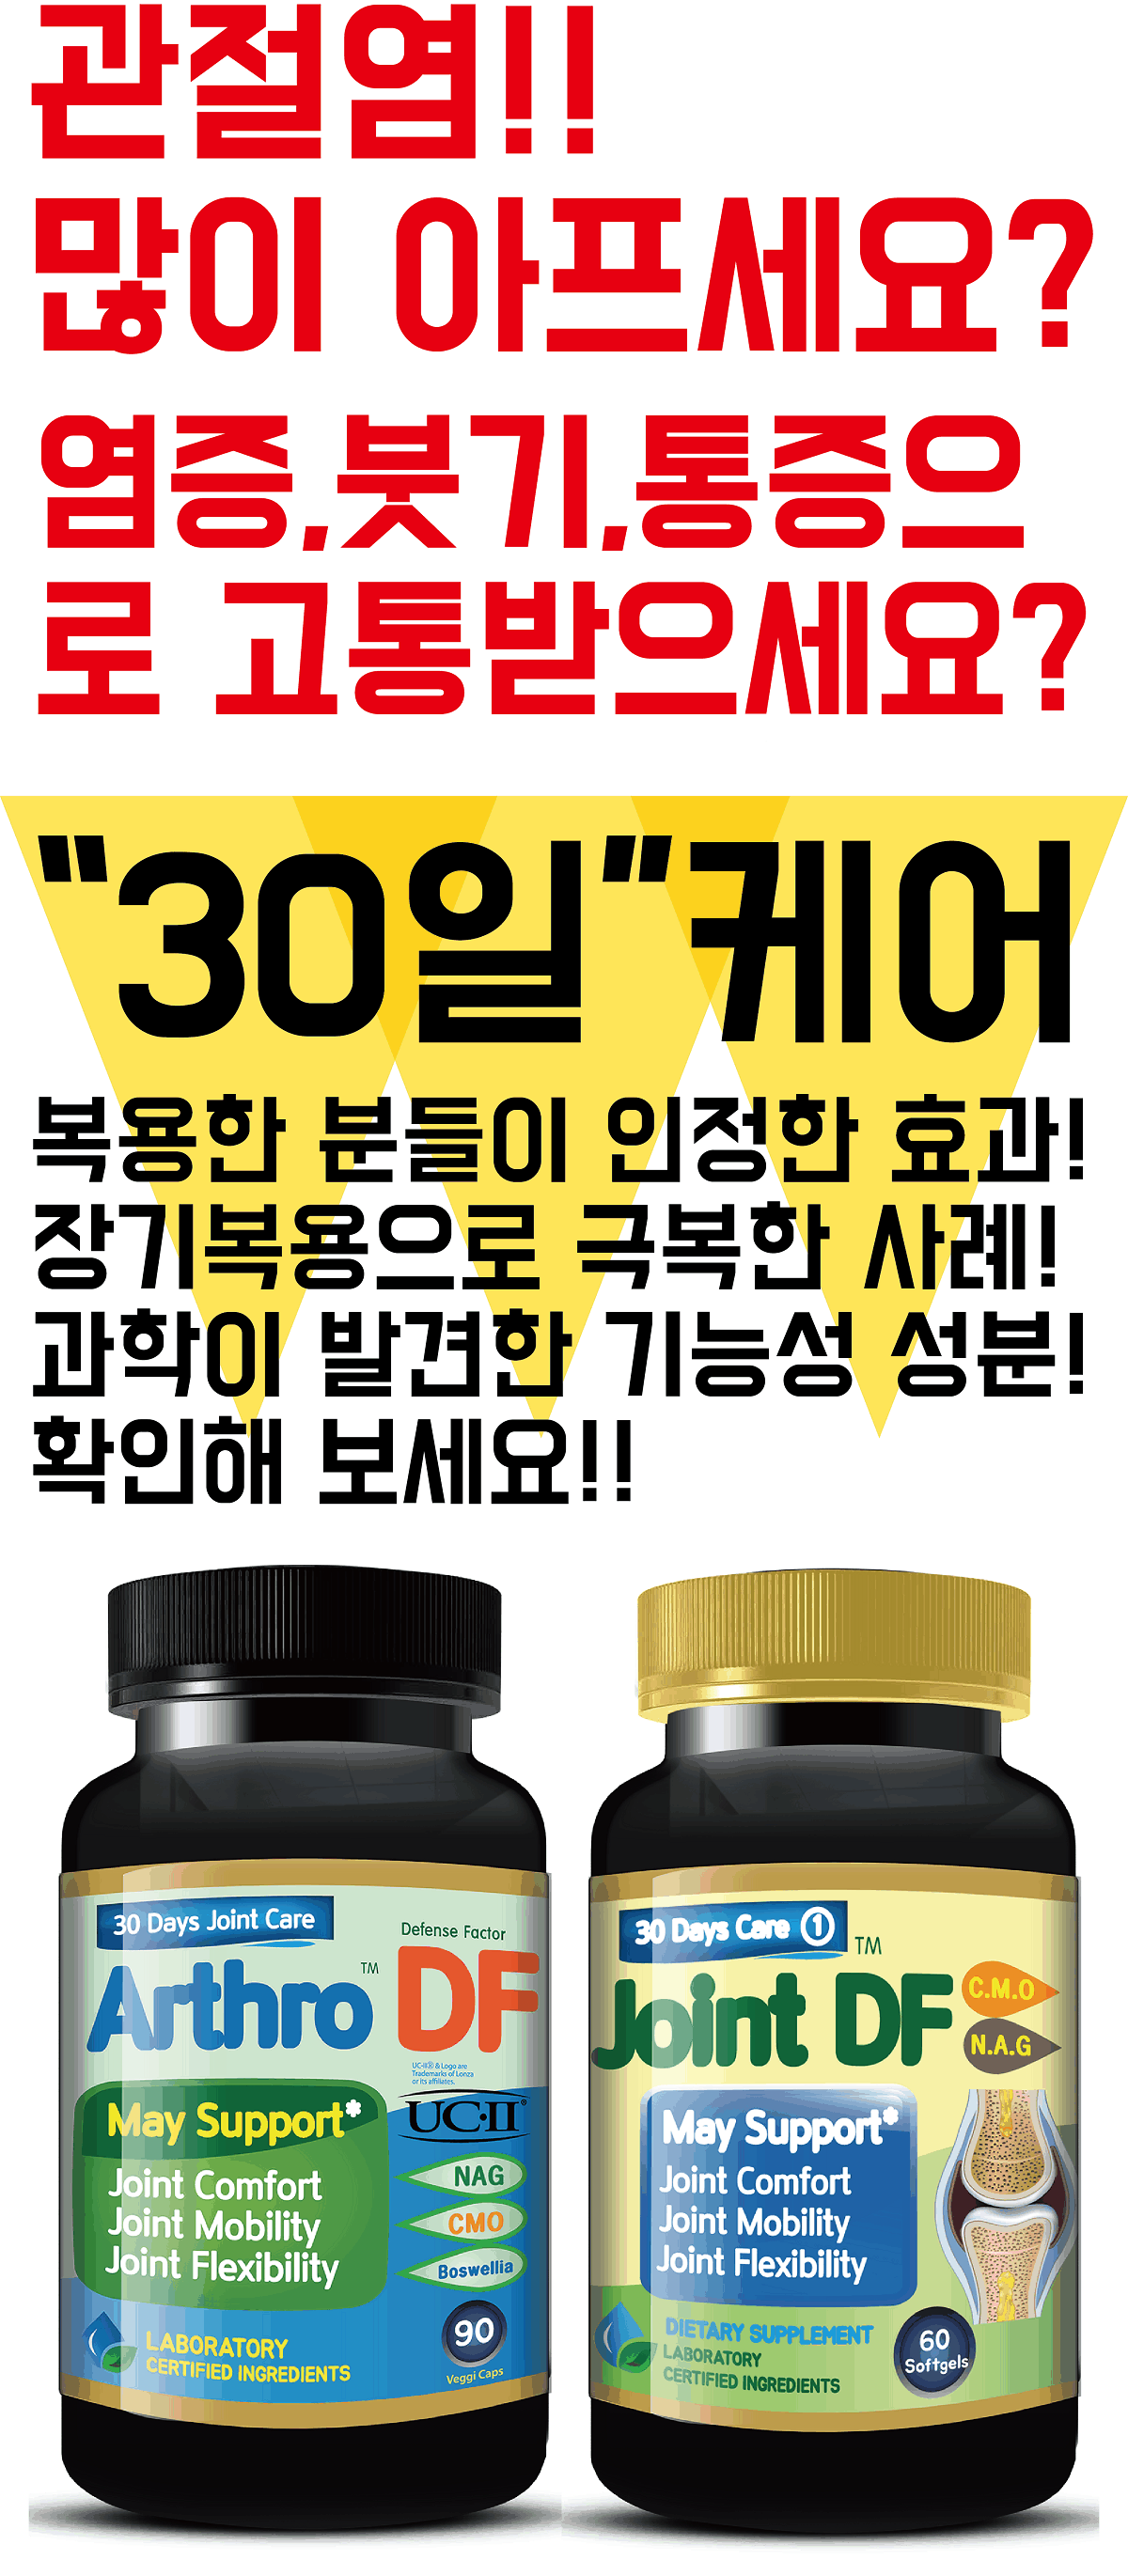 30Days Webpage.N1.png